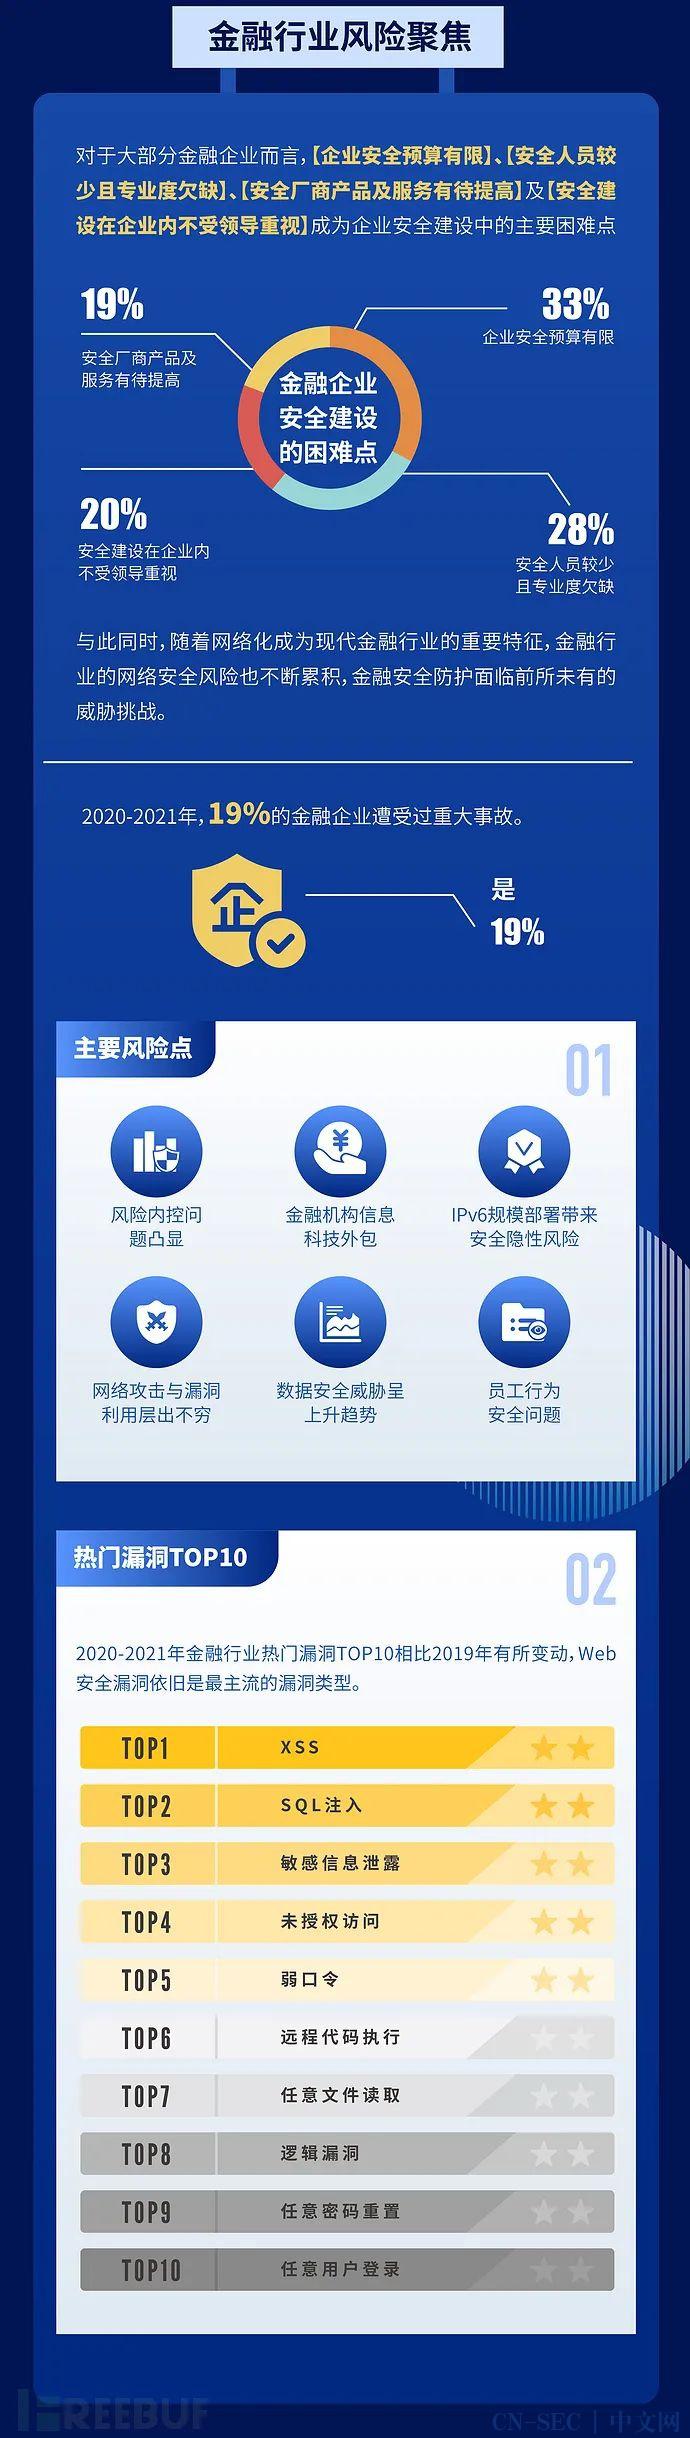 《2020-2021年金融行业网络安全研究报告》正式发布 | FreeBuf咨询